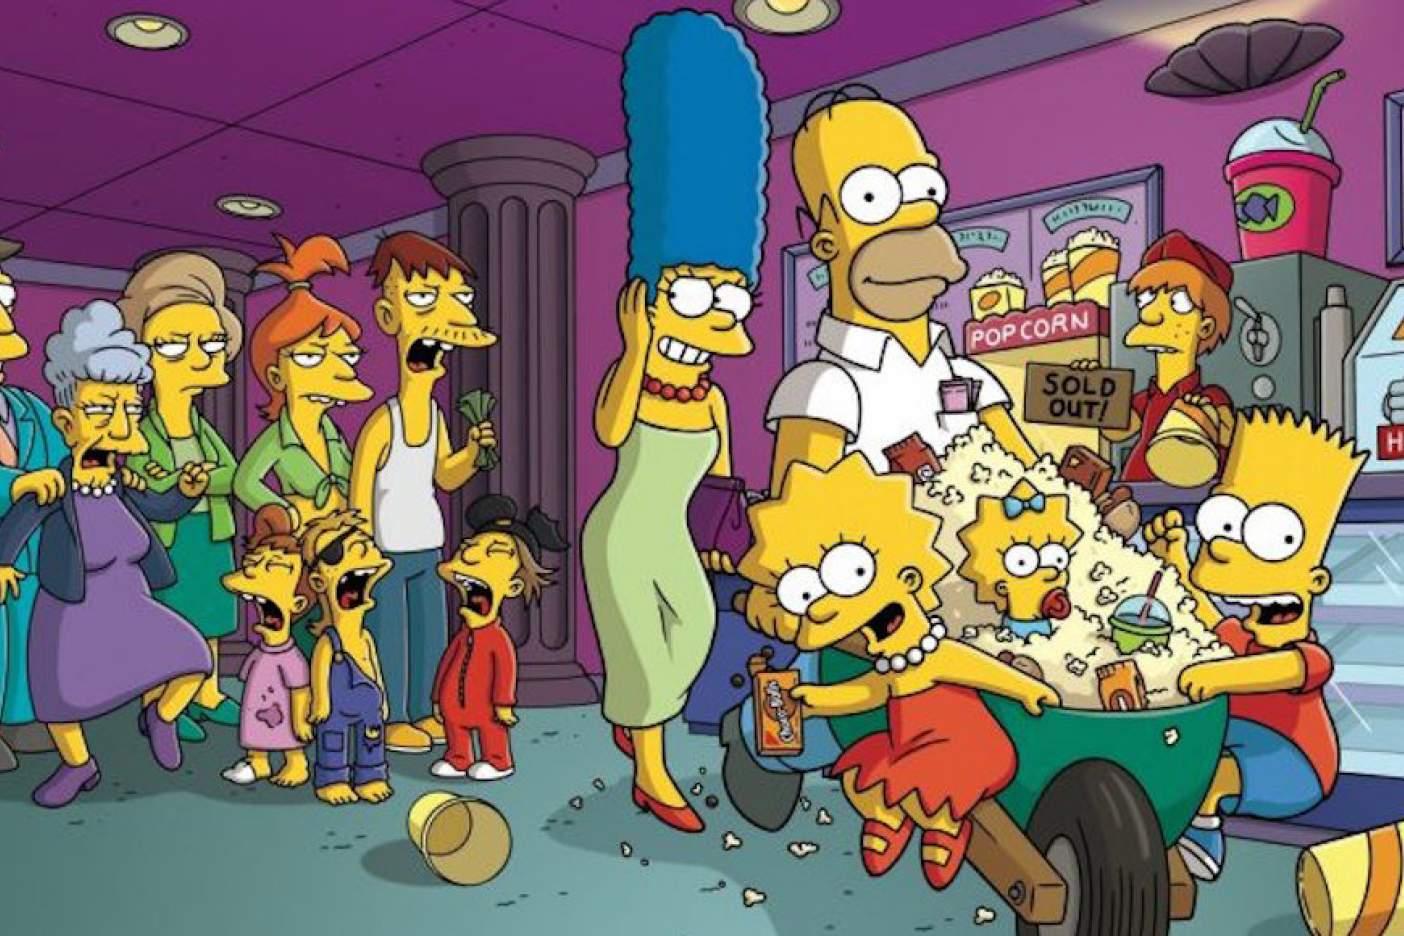 Al diccionario, palabra inventada de Los Simpson